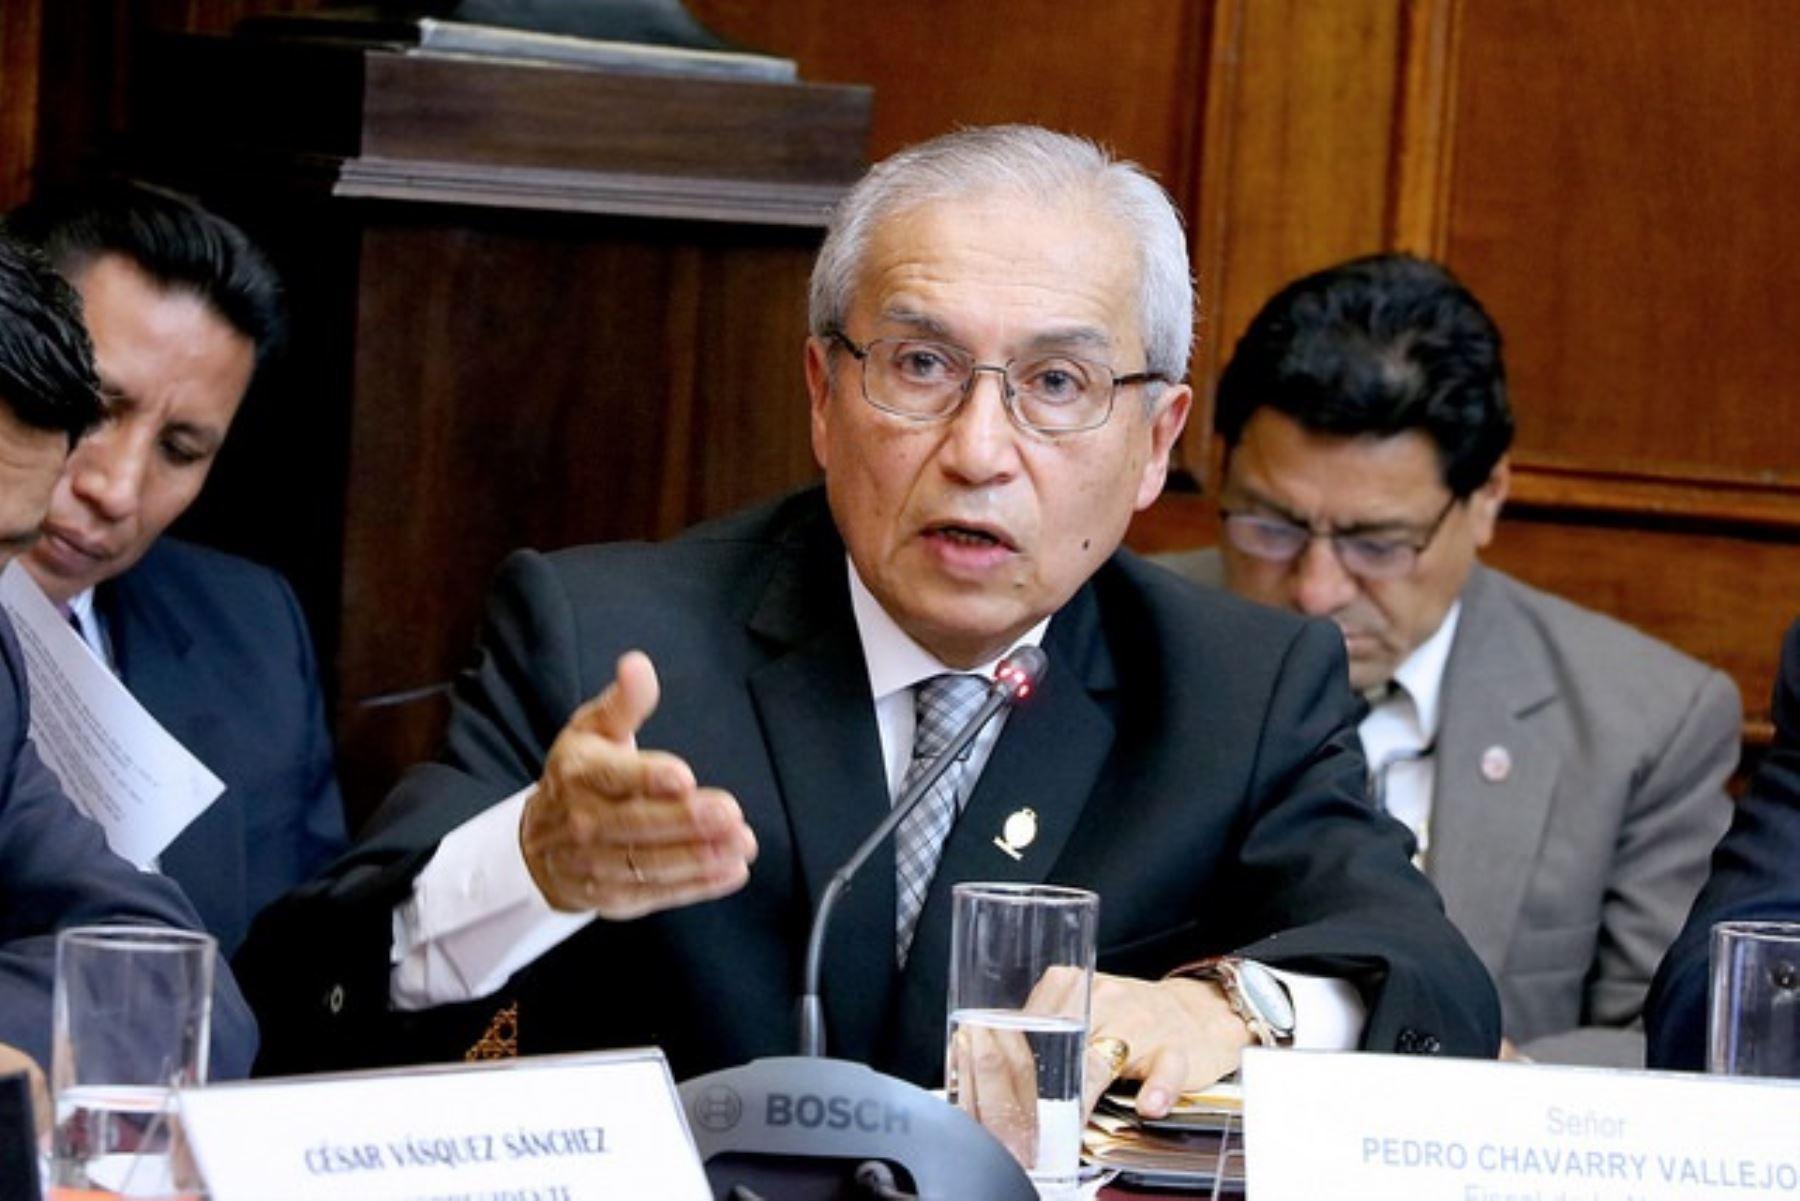 Perú: Fiscal Chávarry niega que haya persecución de su despacho a congresistas del PPK